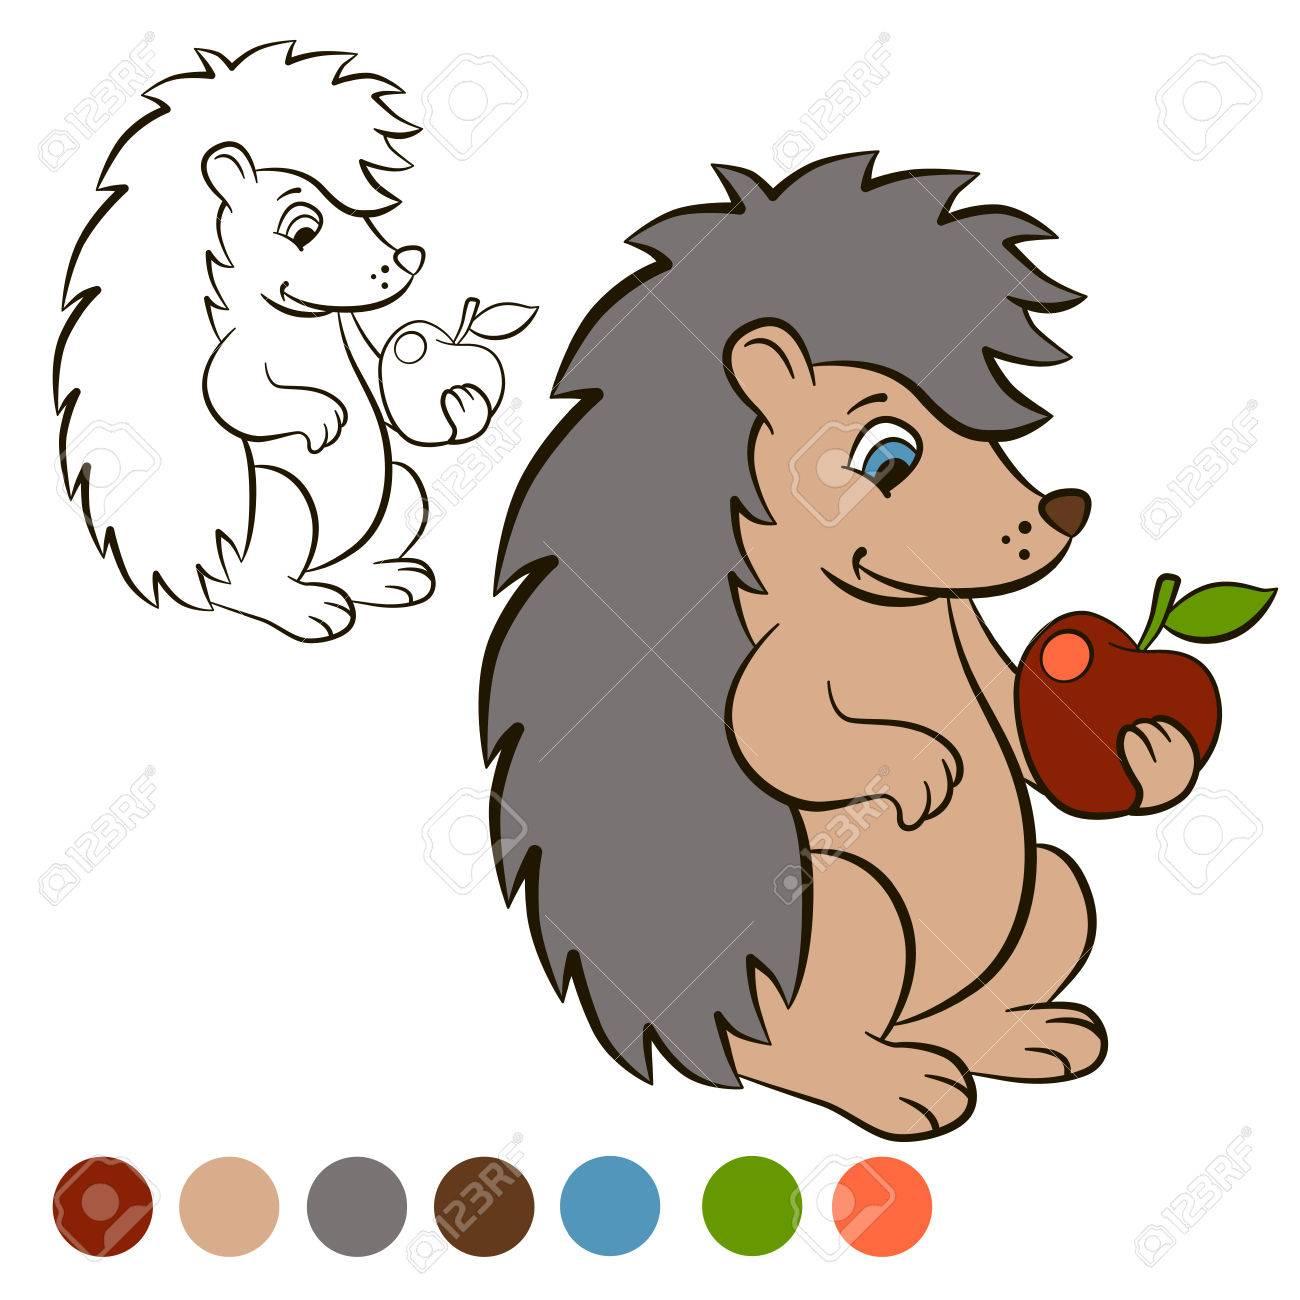 Malvorlage. Color me: Igel. Kleine niedliche Igel steht und hält einen  Apfel in der Pfote. Der Igel lächelt.